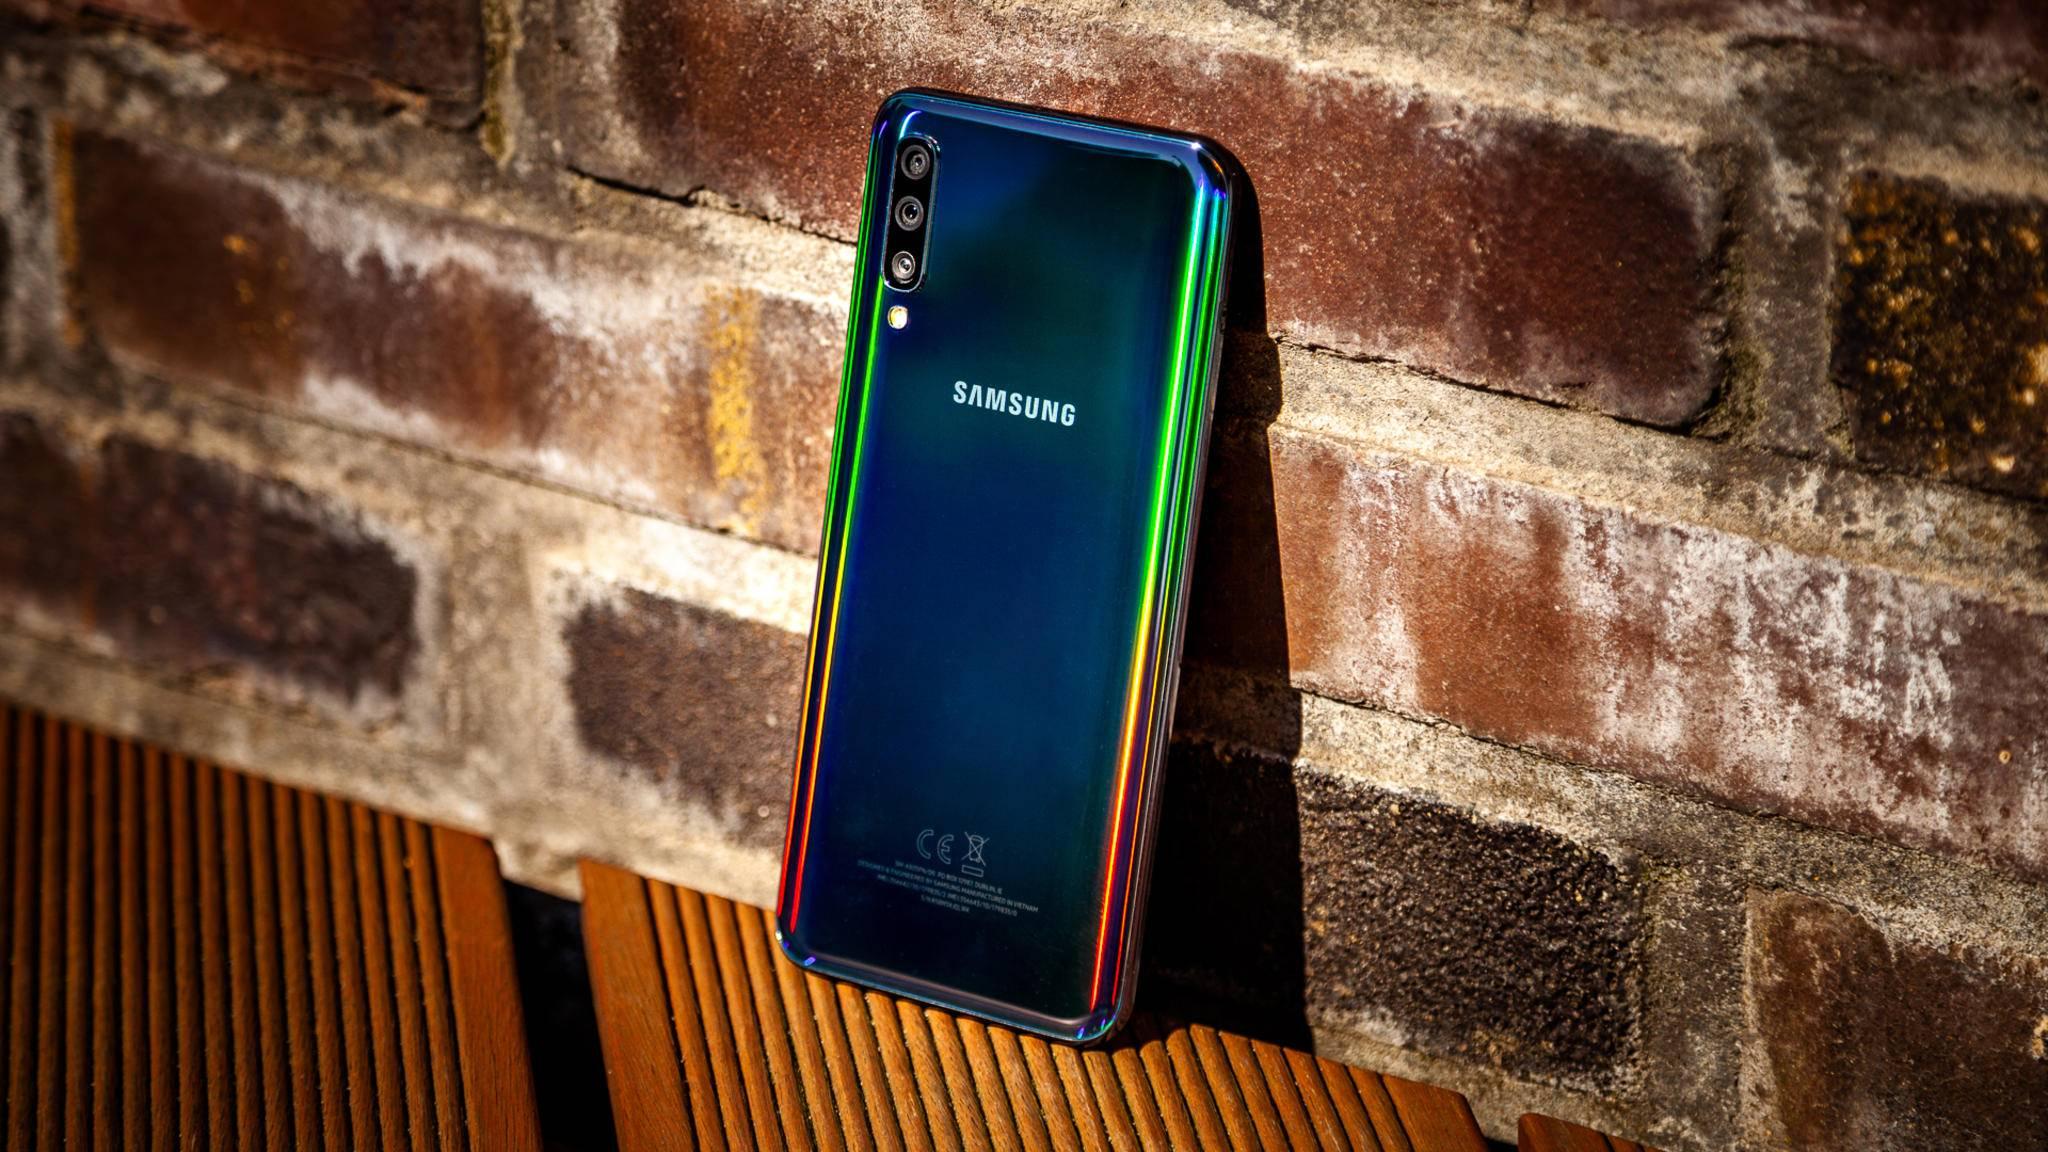 Die in Regenbogenfarben spiegelnde Rückseite des Galaxy A50 haben wir noch bei keinem anderen Smartphone gesehen.